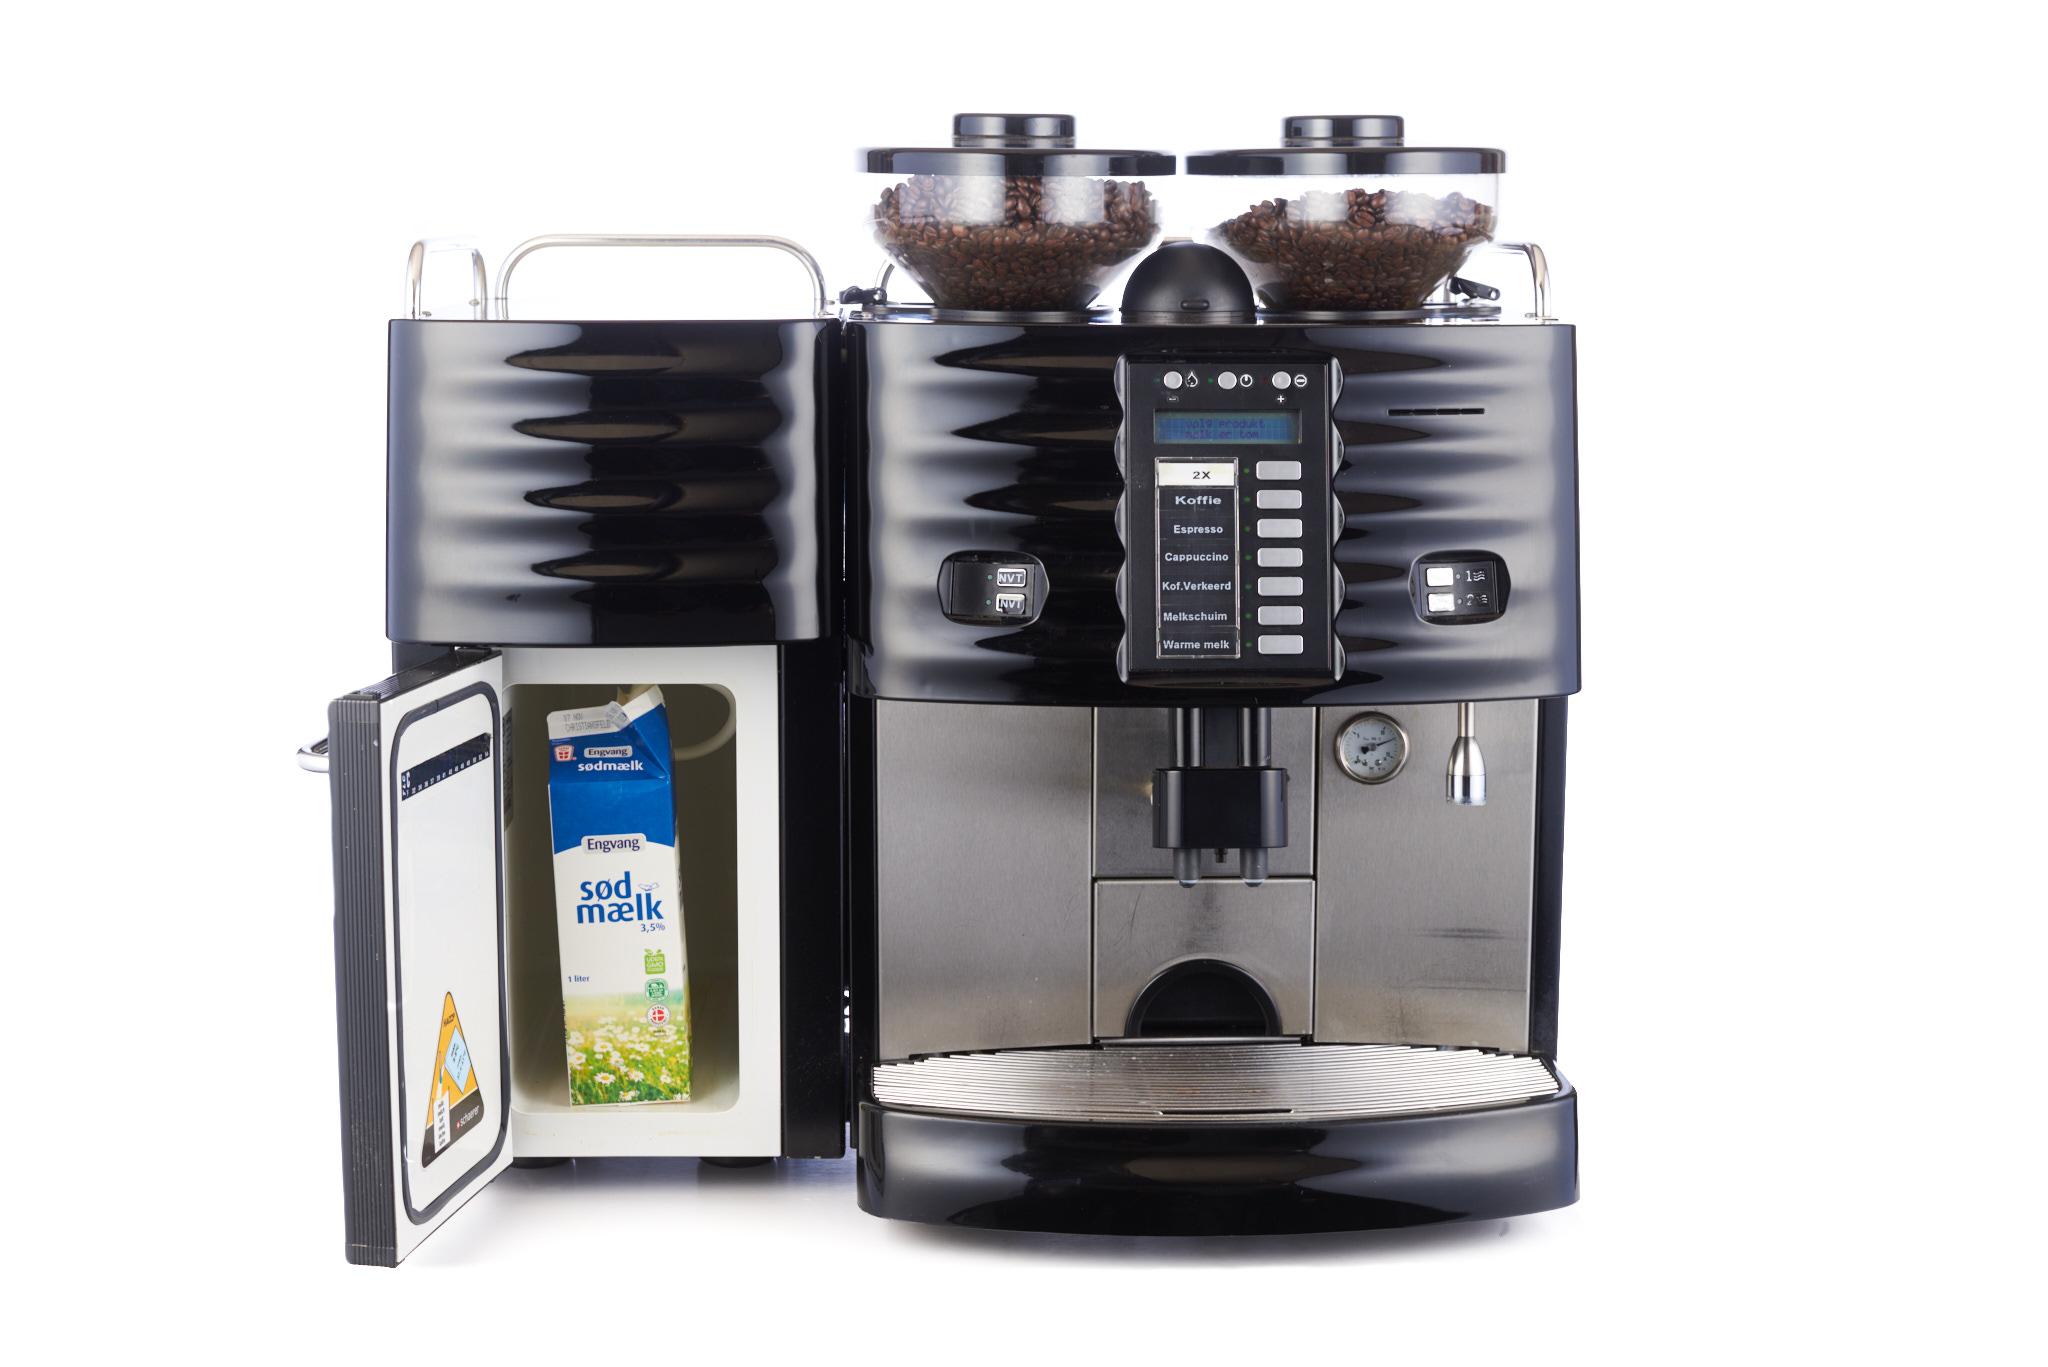 Kaiser Kaffe Coffee Art 13042 - Produkt kategori